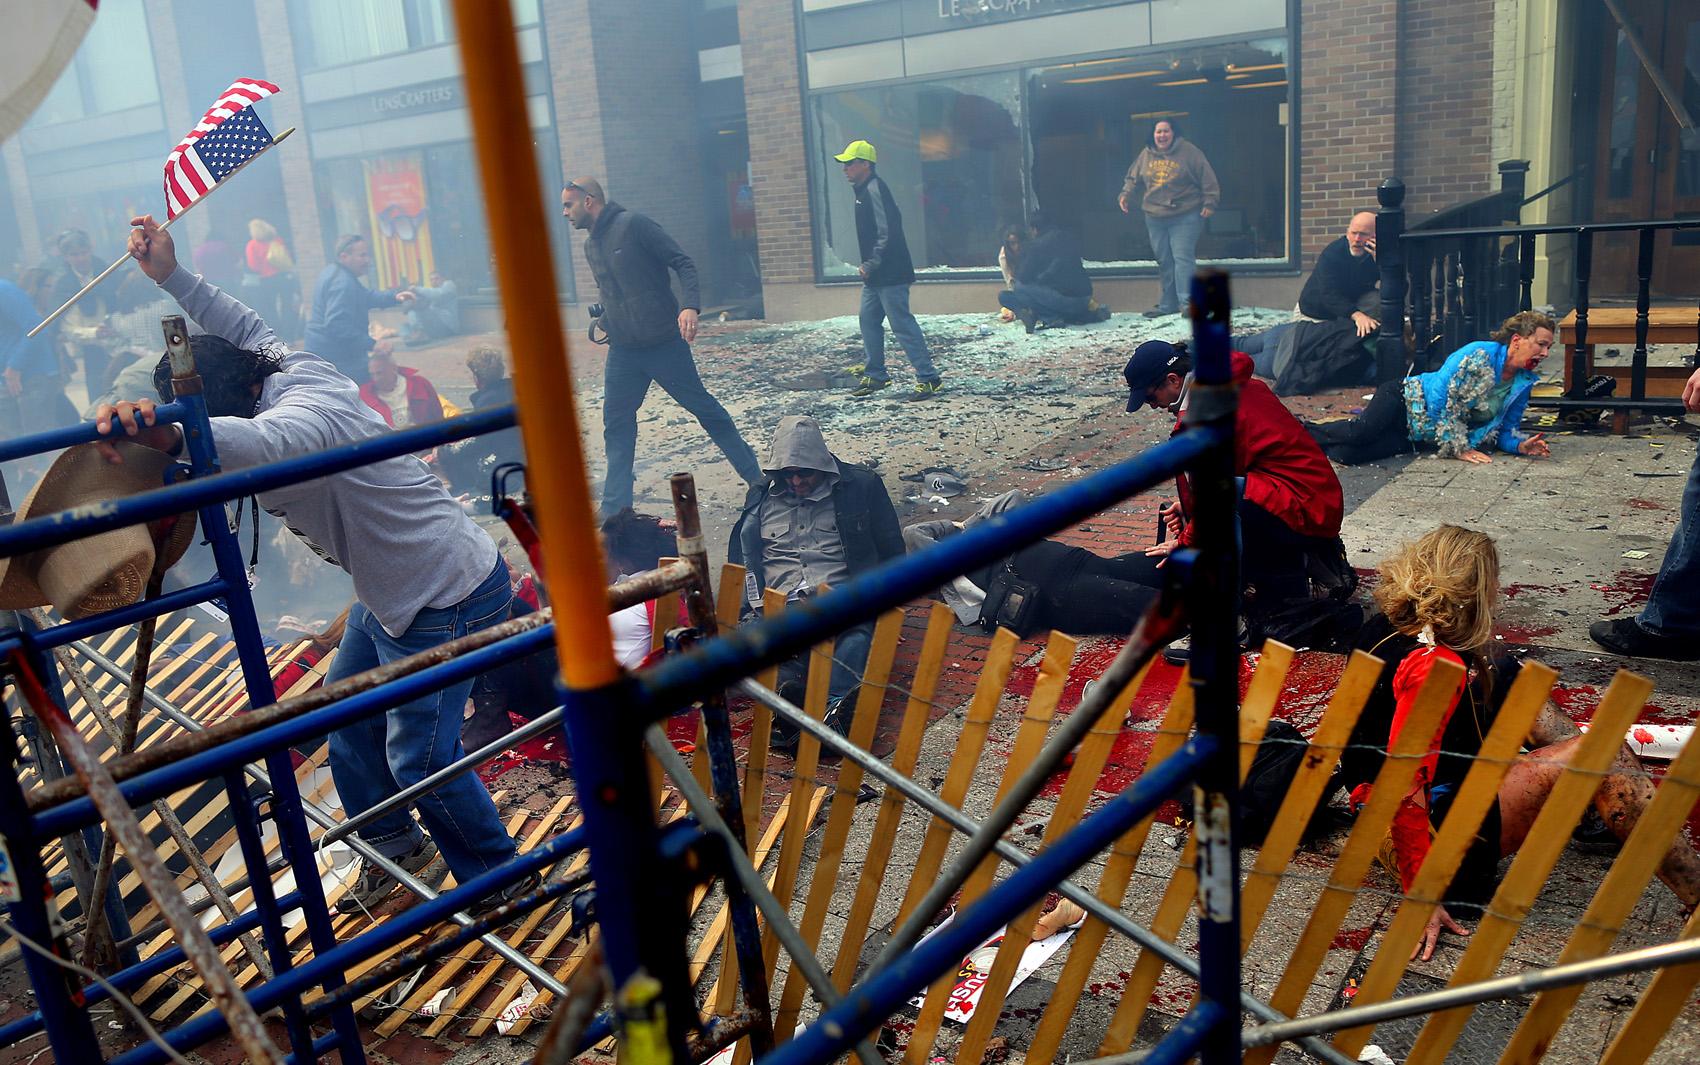 Fotografia feita momentos depois no local de explosão em Boston.